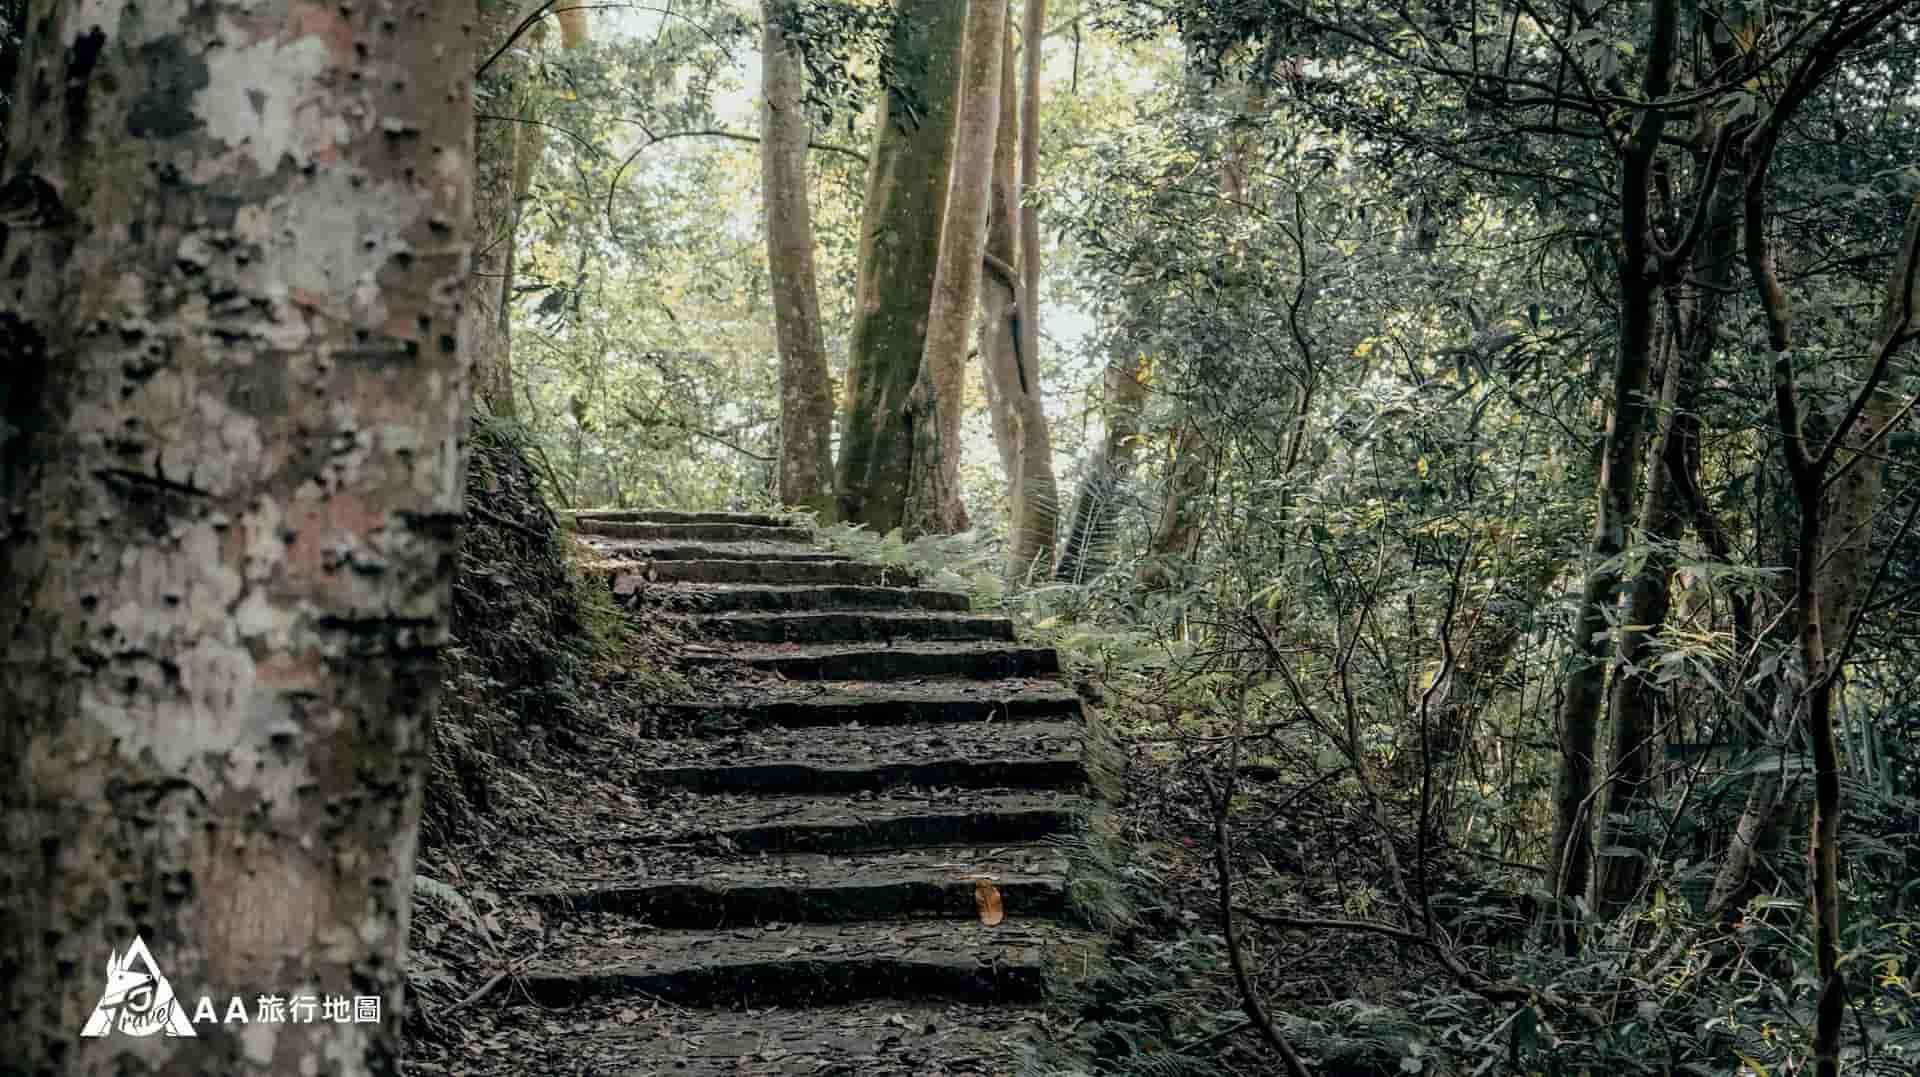 大山北月 後山步道上去可以吸收芬多精,很多登山客都會來 這邊爬山呢